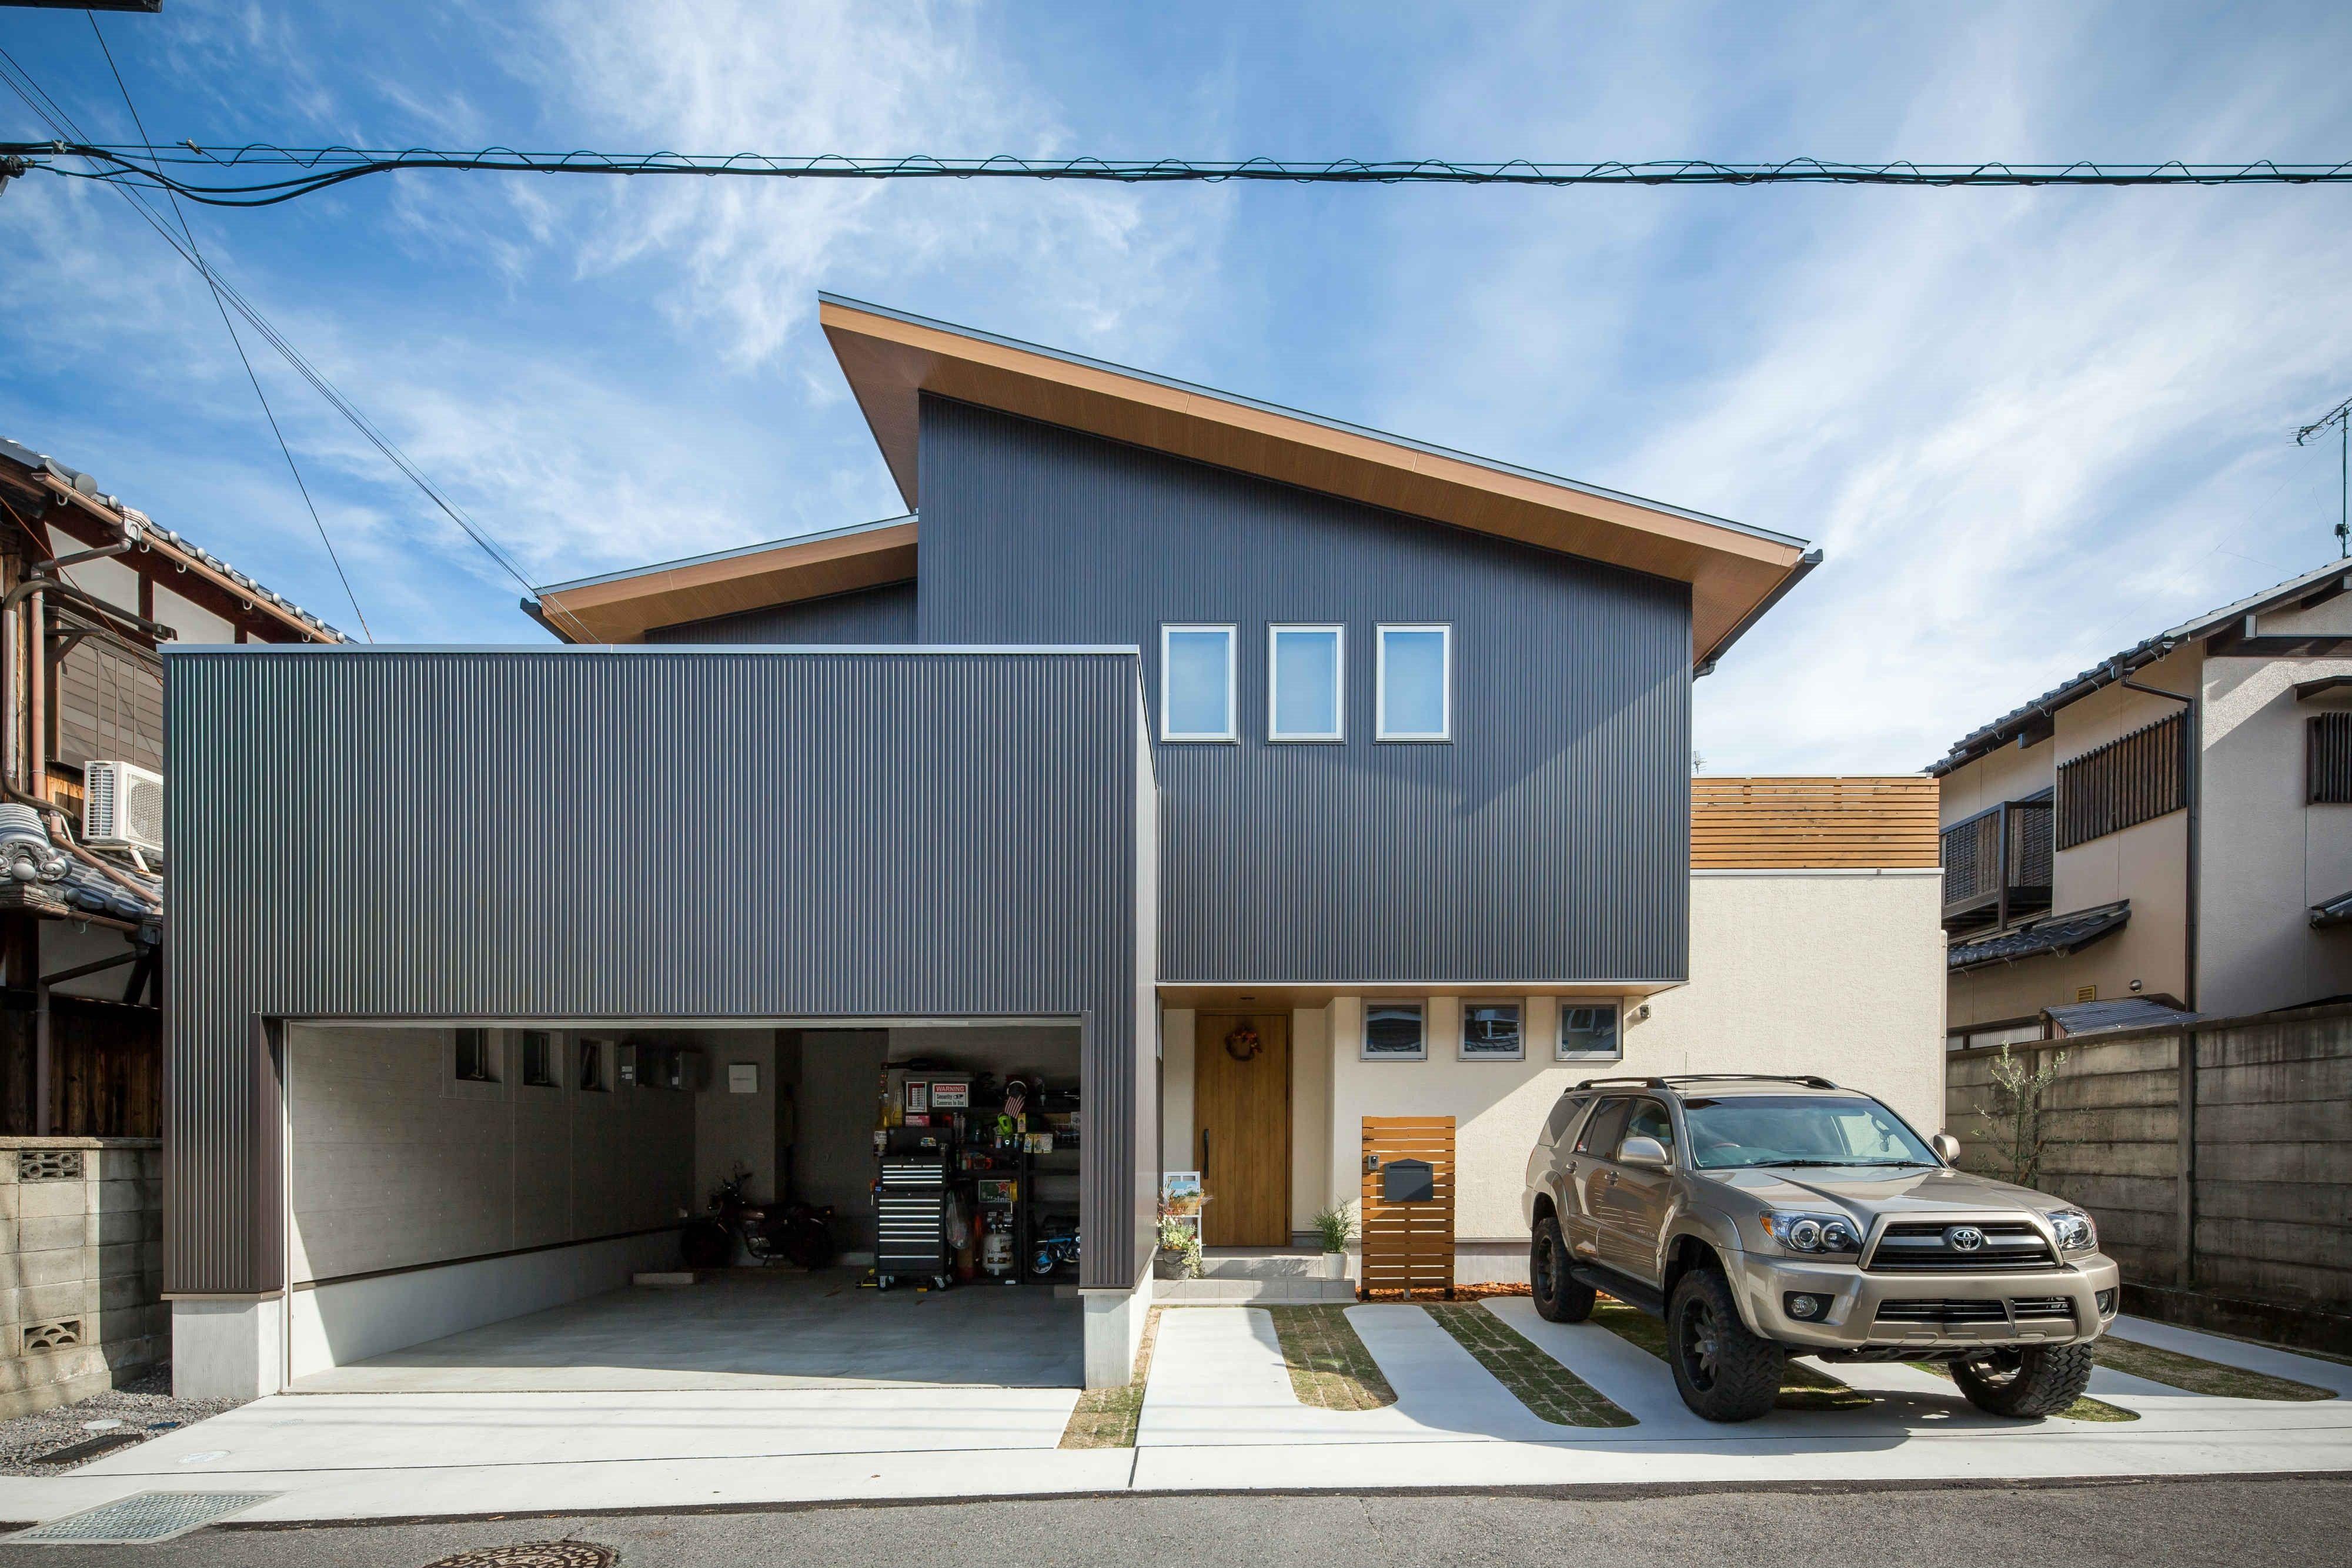 ビルトインガレージのある二世帯住宅 ルポハウス 設計士とつくる家